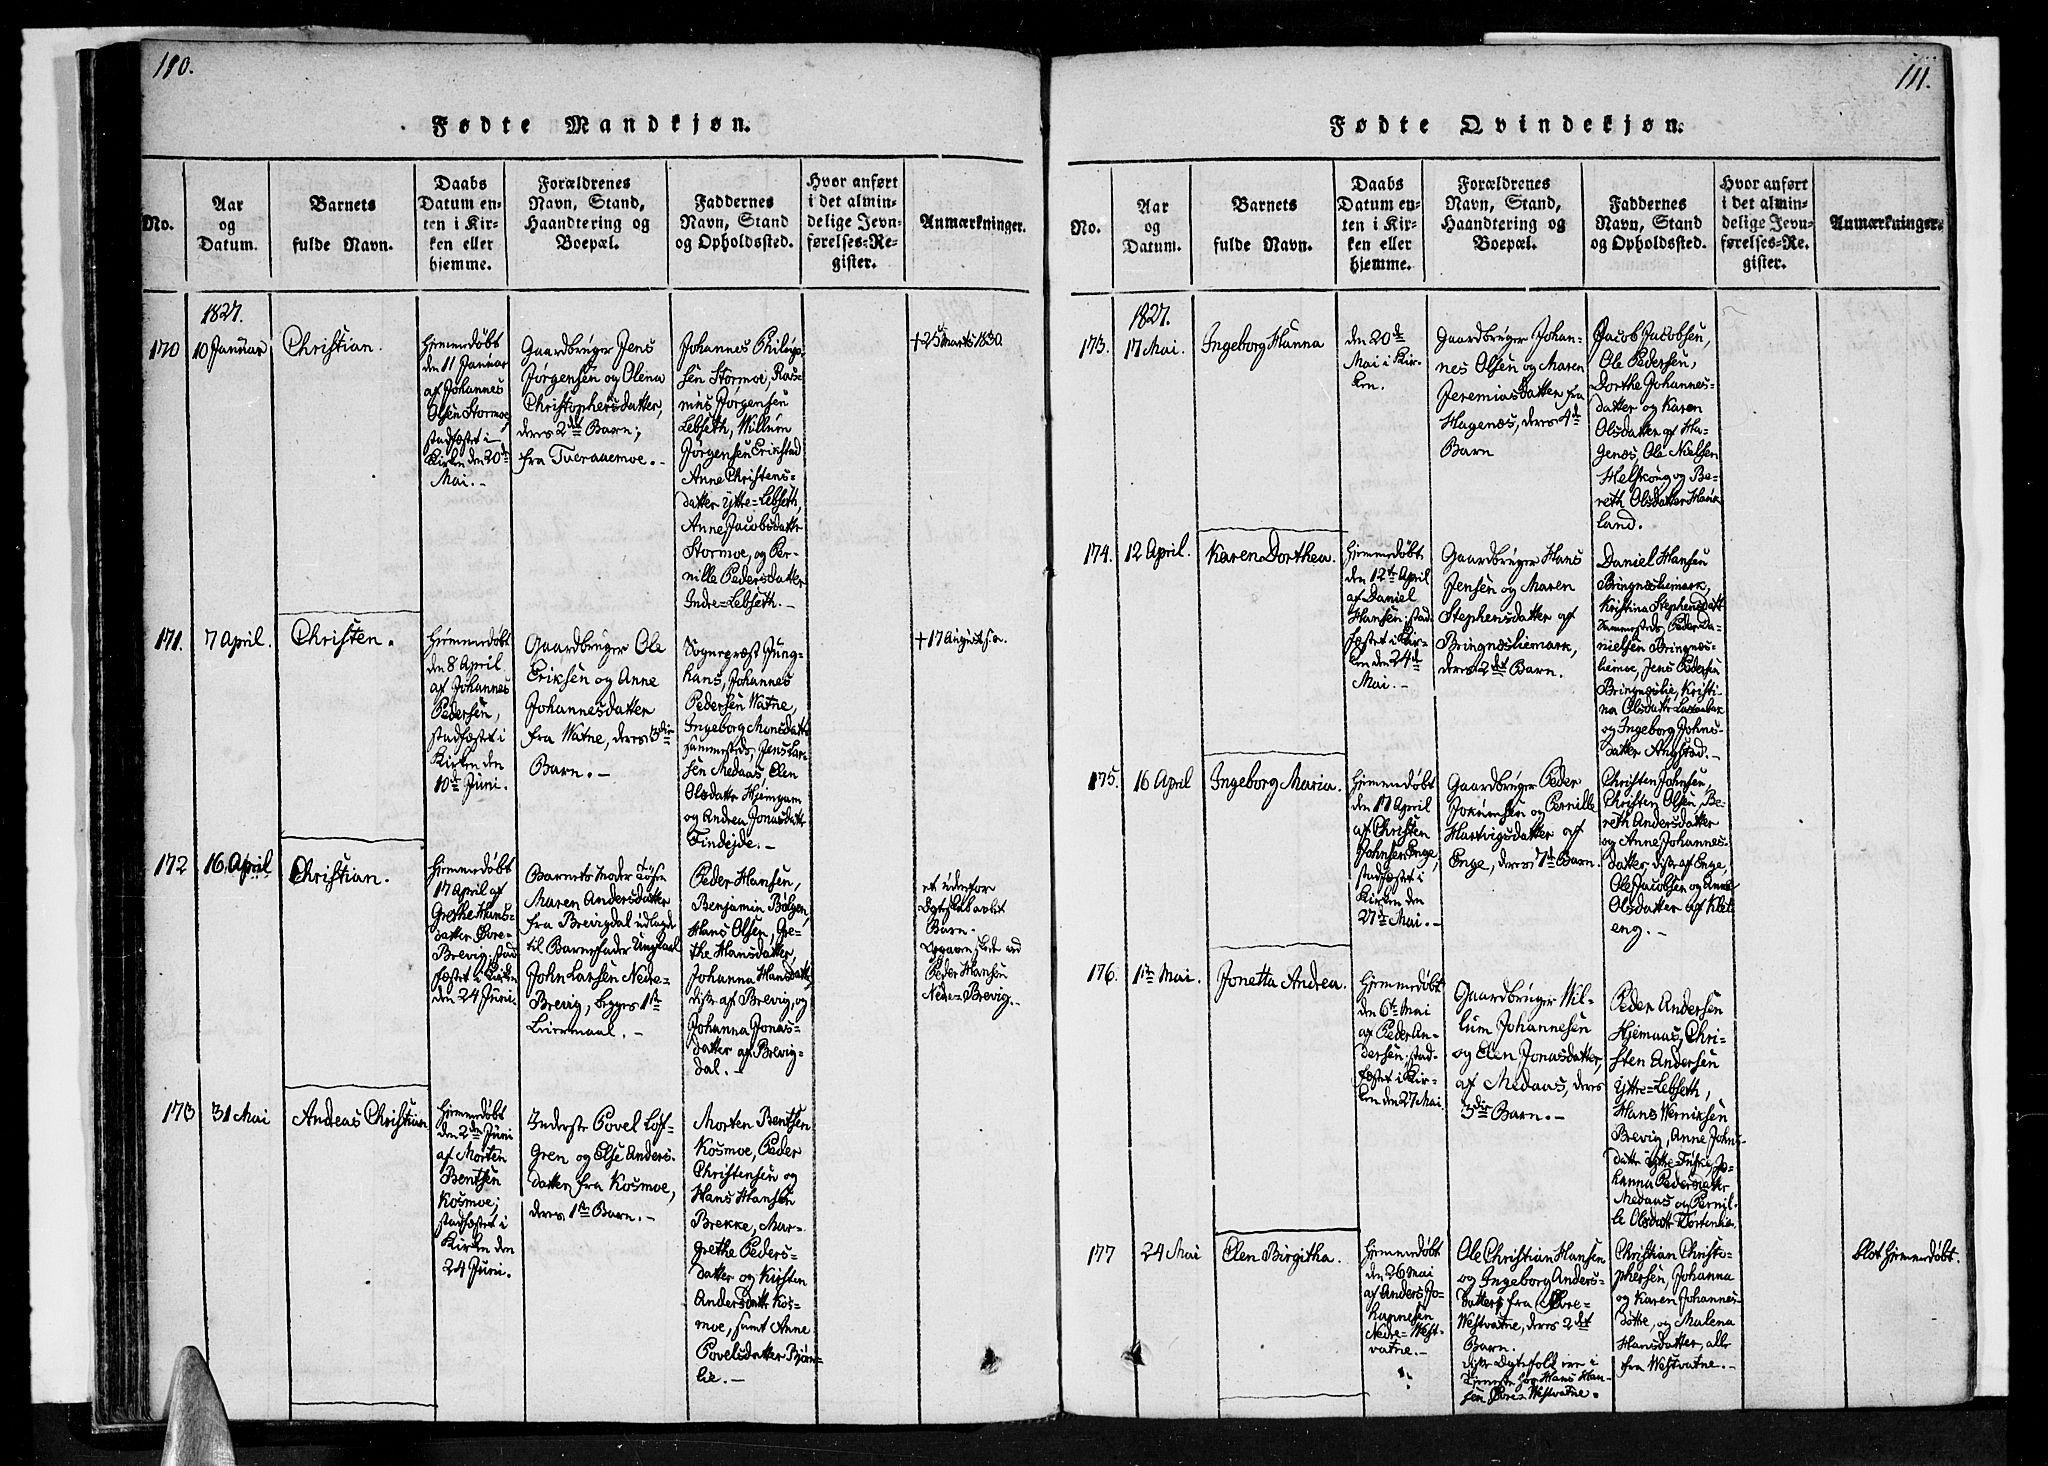 SAT, Ministerialprotokoller, klokkerbøker og fødselsregistre - Nordland, 852/L0736: Parish register (official) no. 852A06, 1820-1833, p. 110-111